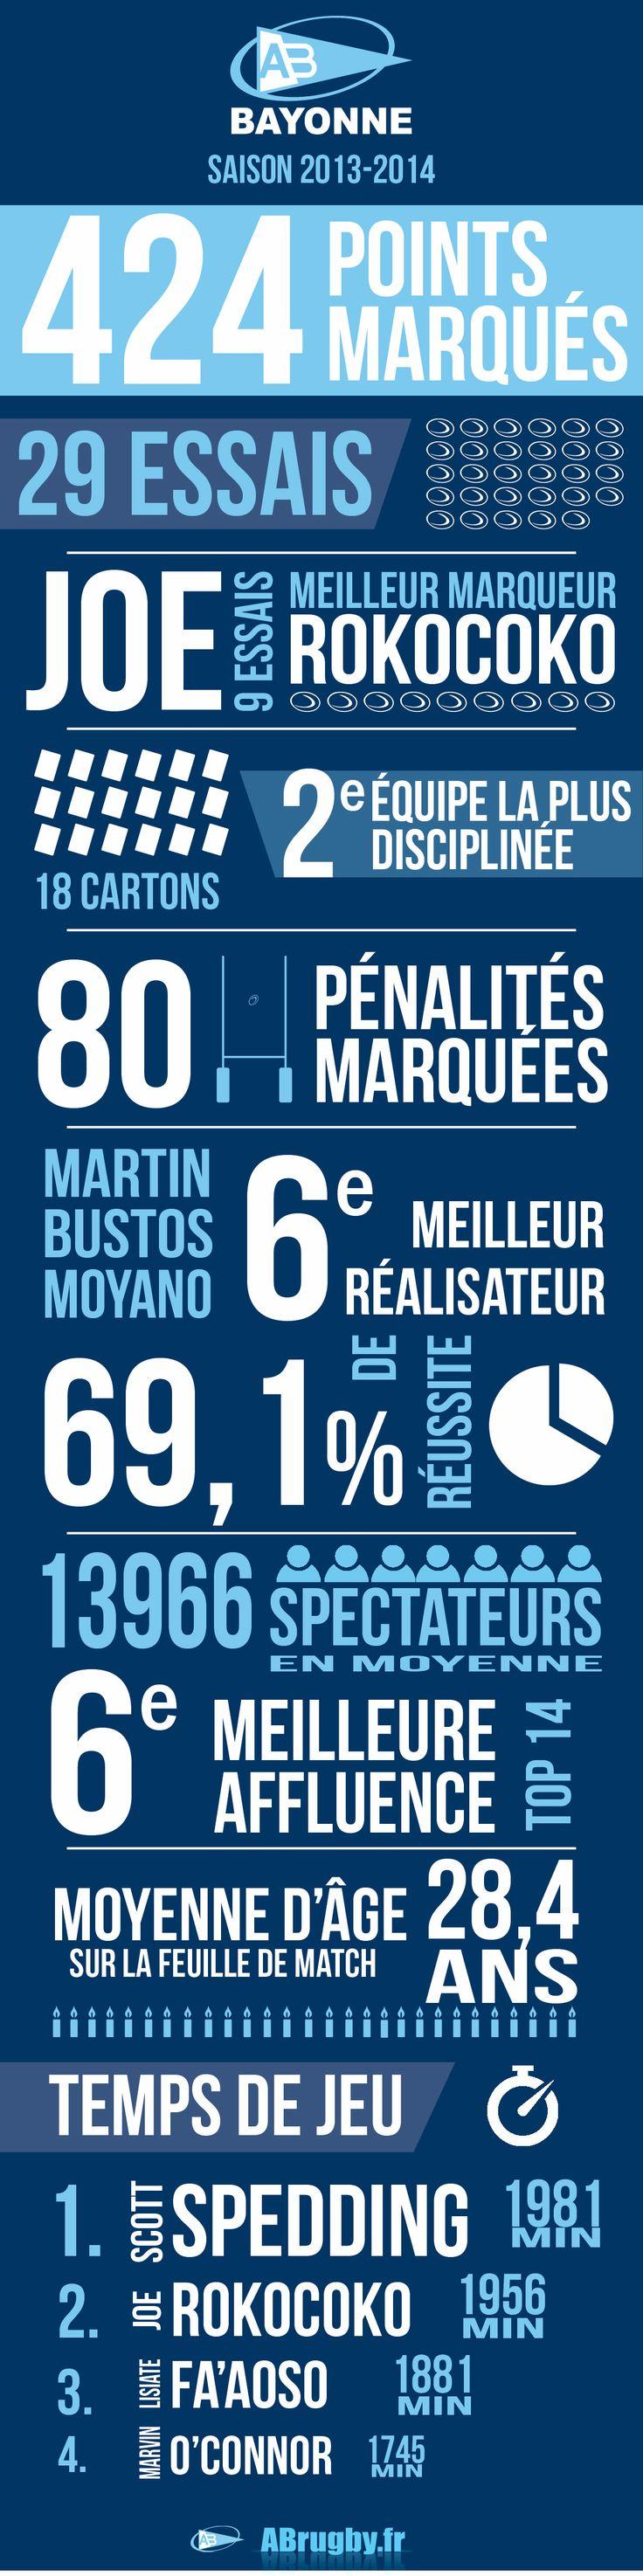 Aviron Bayonnais - Les chiffres de la saison 2013-2014 #Bayonne